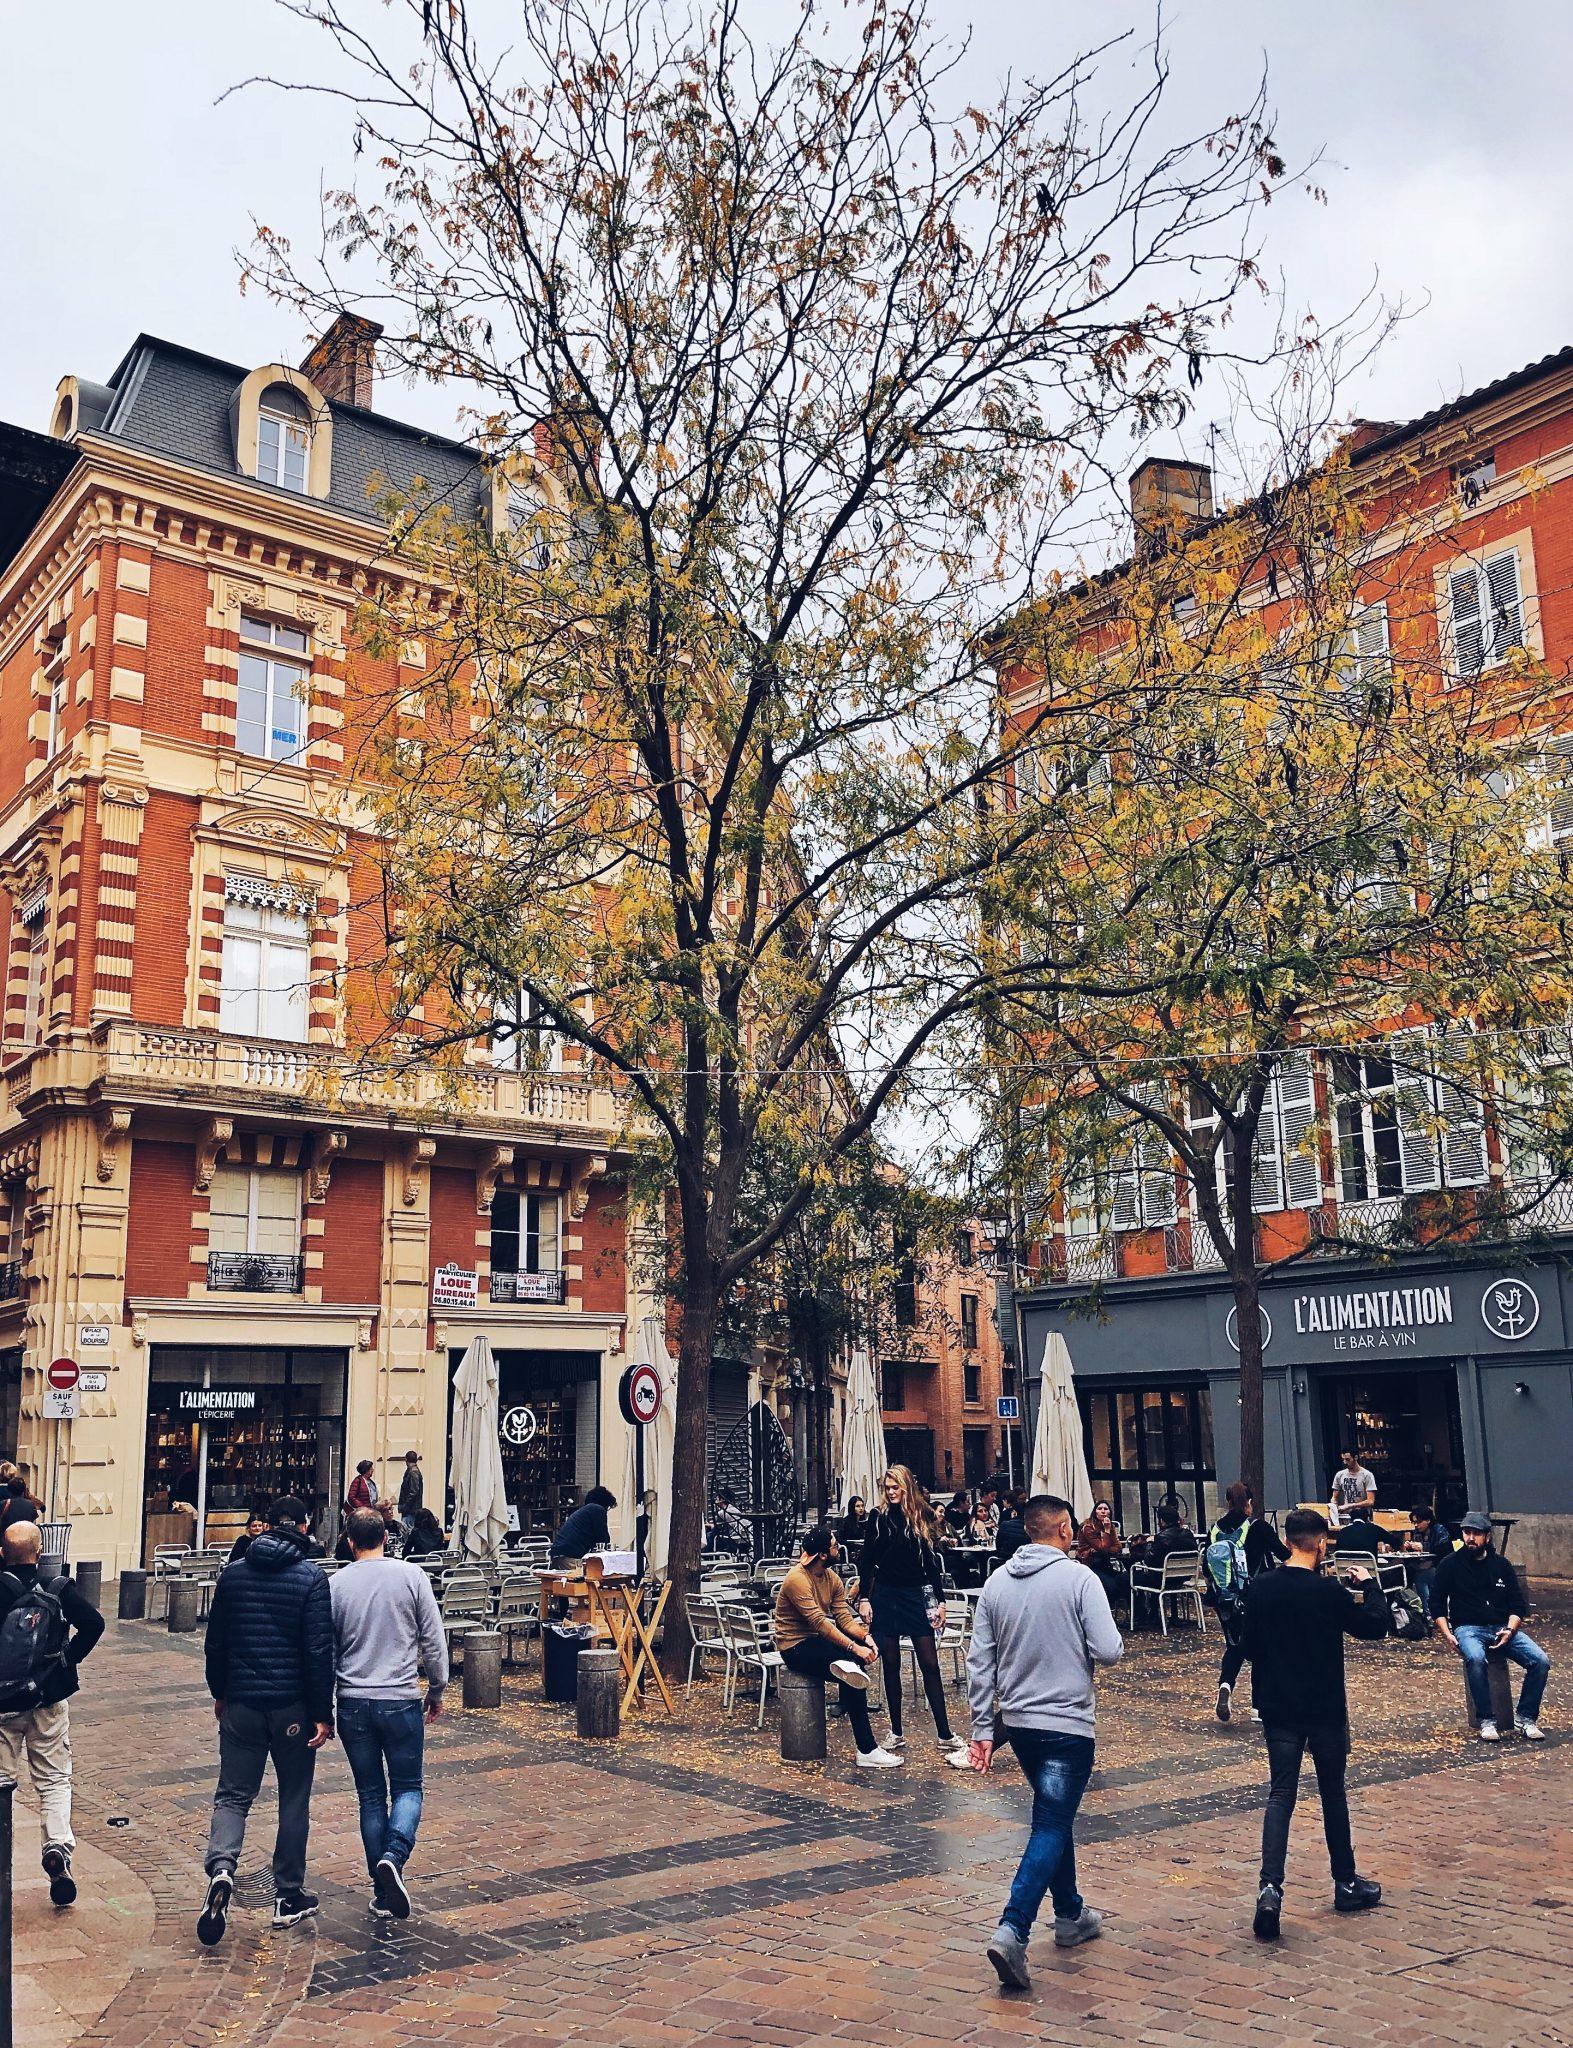 Strade di Tolosa - Tolosa: 3 modi per vederla - tatianaberlaffa.com